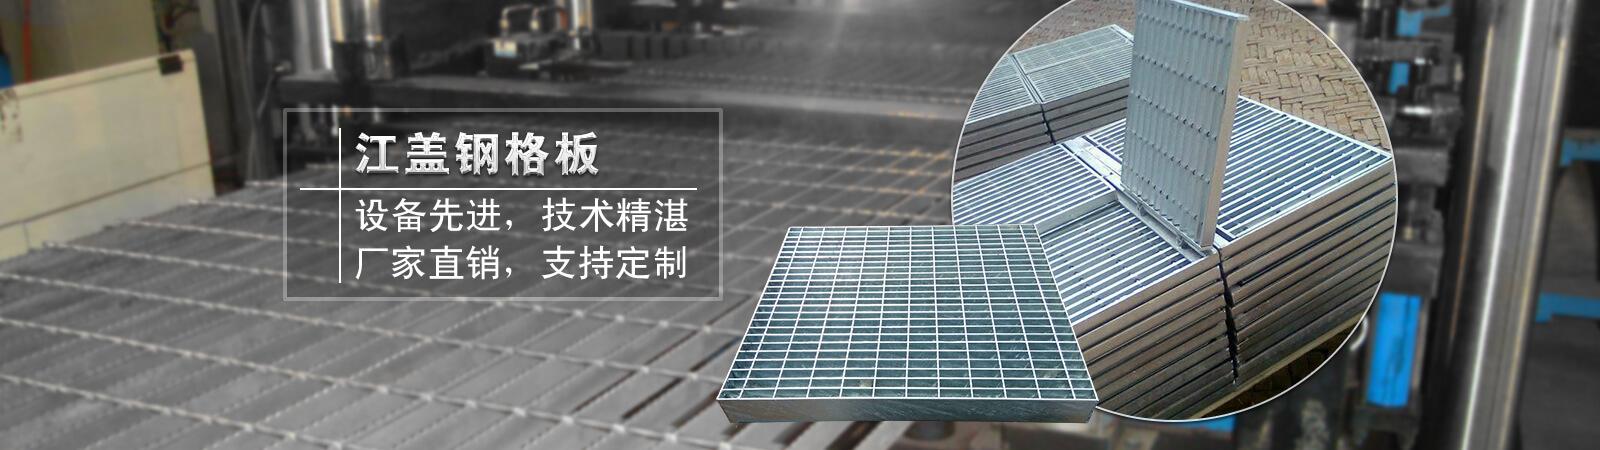 安平县江盖丝网(瑞海)制造有限公司